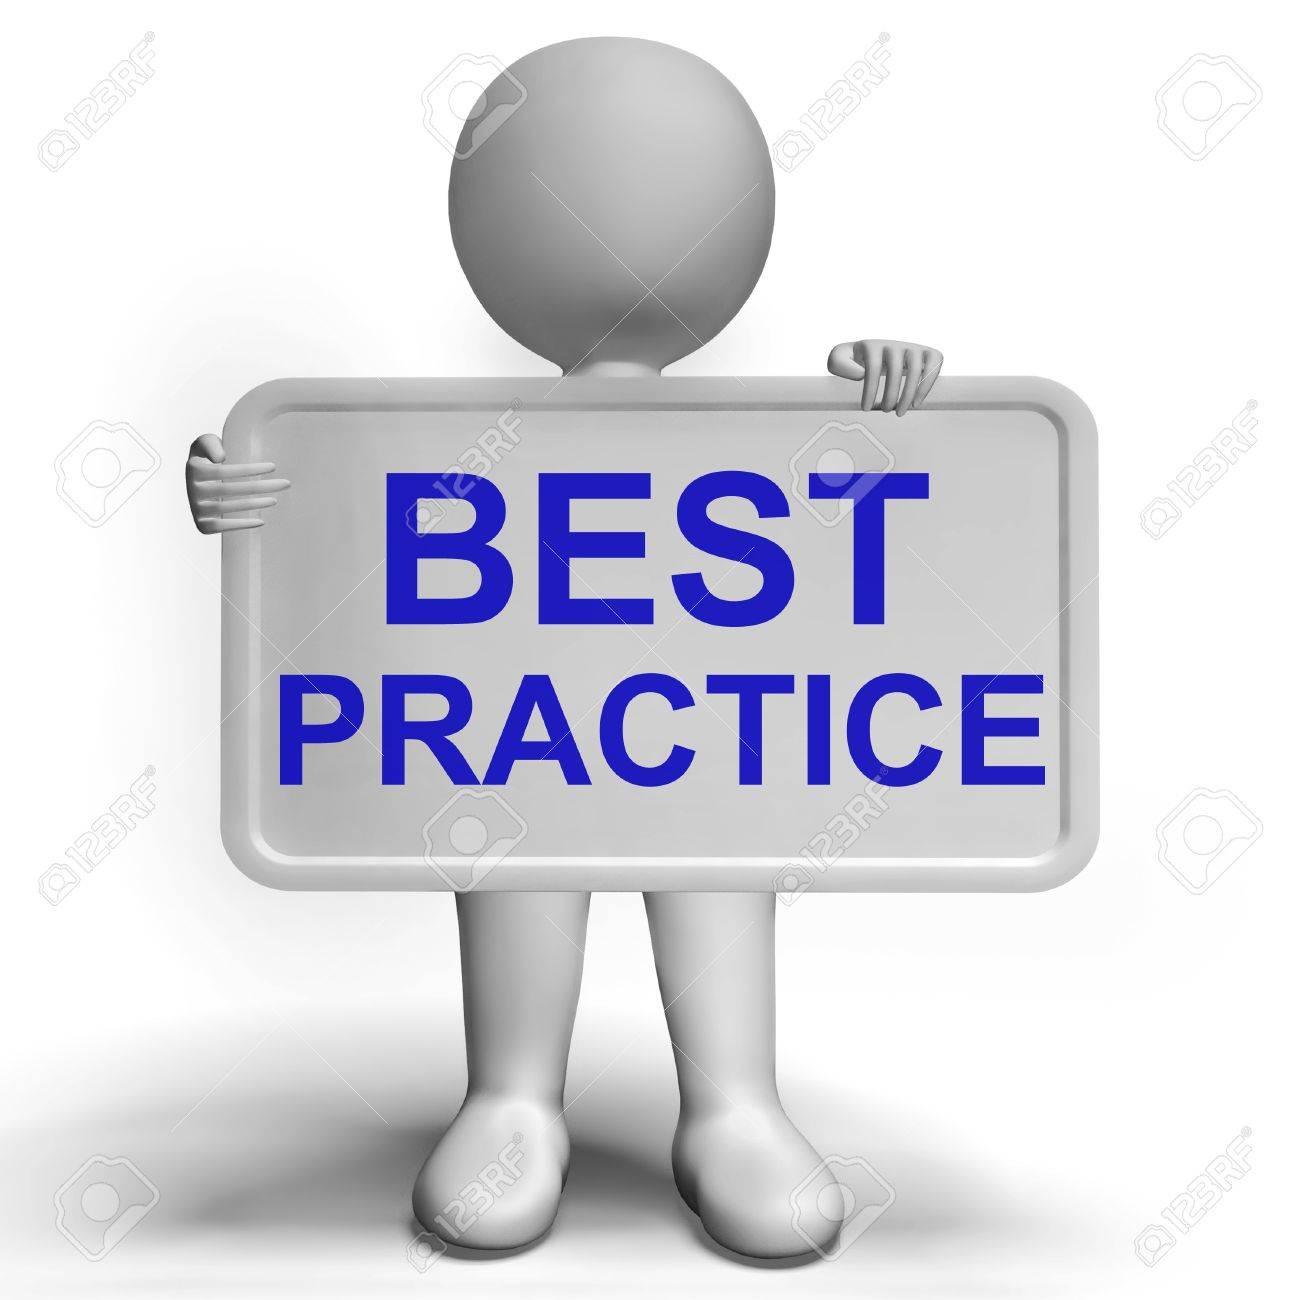 Best Practice Sign Shows Most Efficient Procedures.